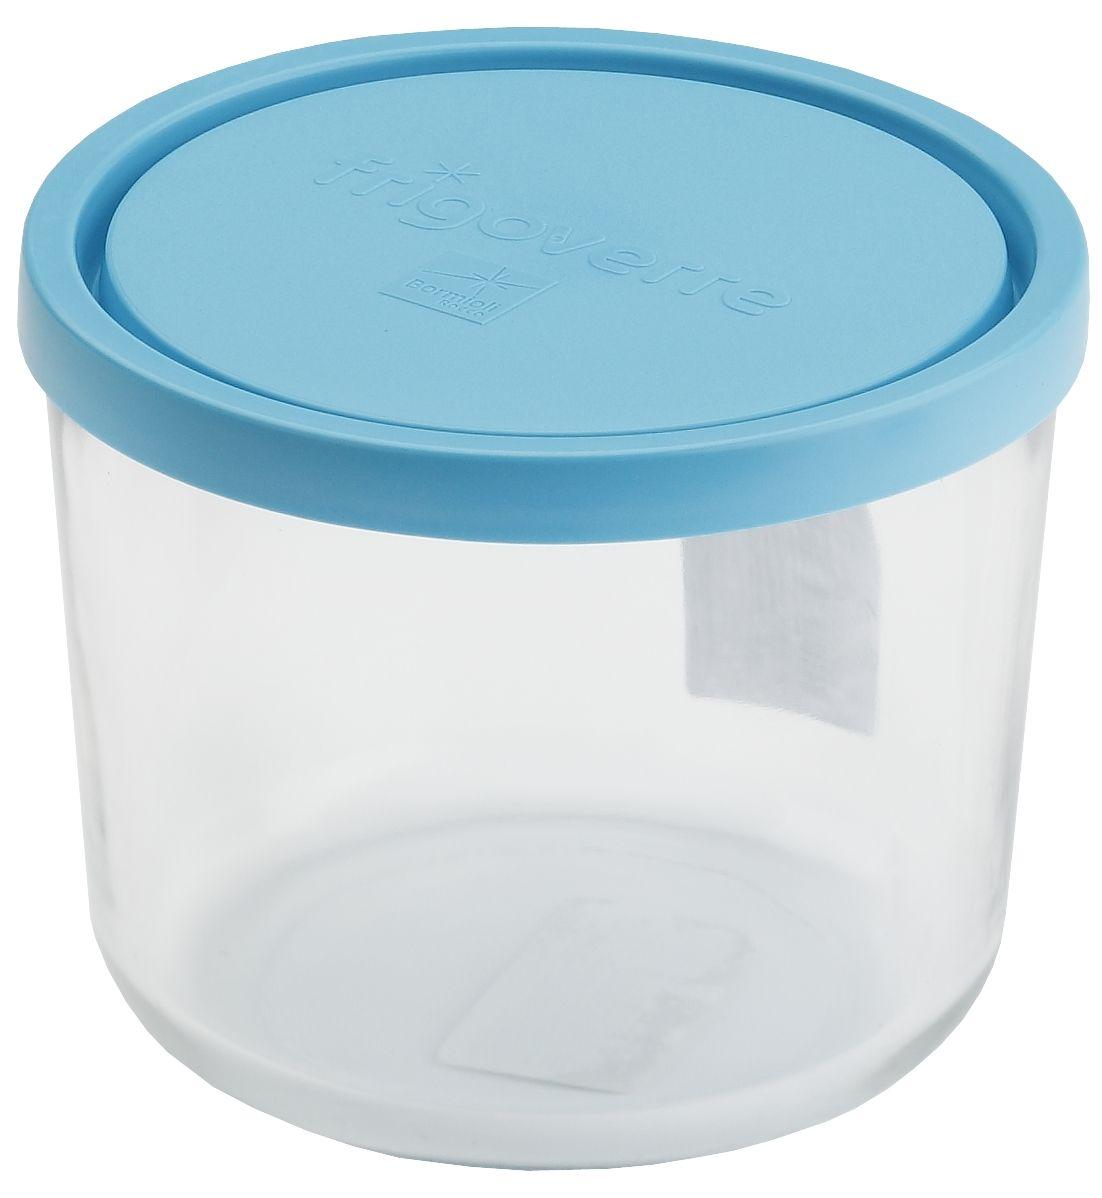 Контейнер Bormioli Rocco Frigoverre, круглый, цвет крышки: синий, 700 млB339140-1Bormioli Rocco Стеклянный контейнер для хранения пищи Frigoverre с синей крышкой круглый высокий d-12 см, 700 мл. Из холодильника сразу в микроволновую печь! Выдерживают температурный удар от – 20С до +70С. Безопасны для хранения готовых продуктов. Не содержат Бисфенол А. BPA Free. Закаленное стекло. В 5 раз повышена ударостойкость. Устойчивы к царапинам и сколам. Удобство использования. Изделия легко моются. Можно использовать в посудомоечной машине. Настоящее итальянское качество!